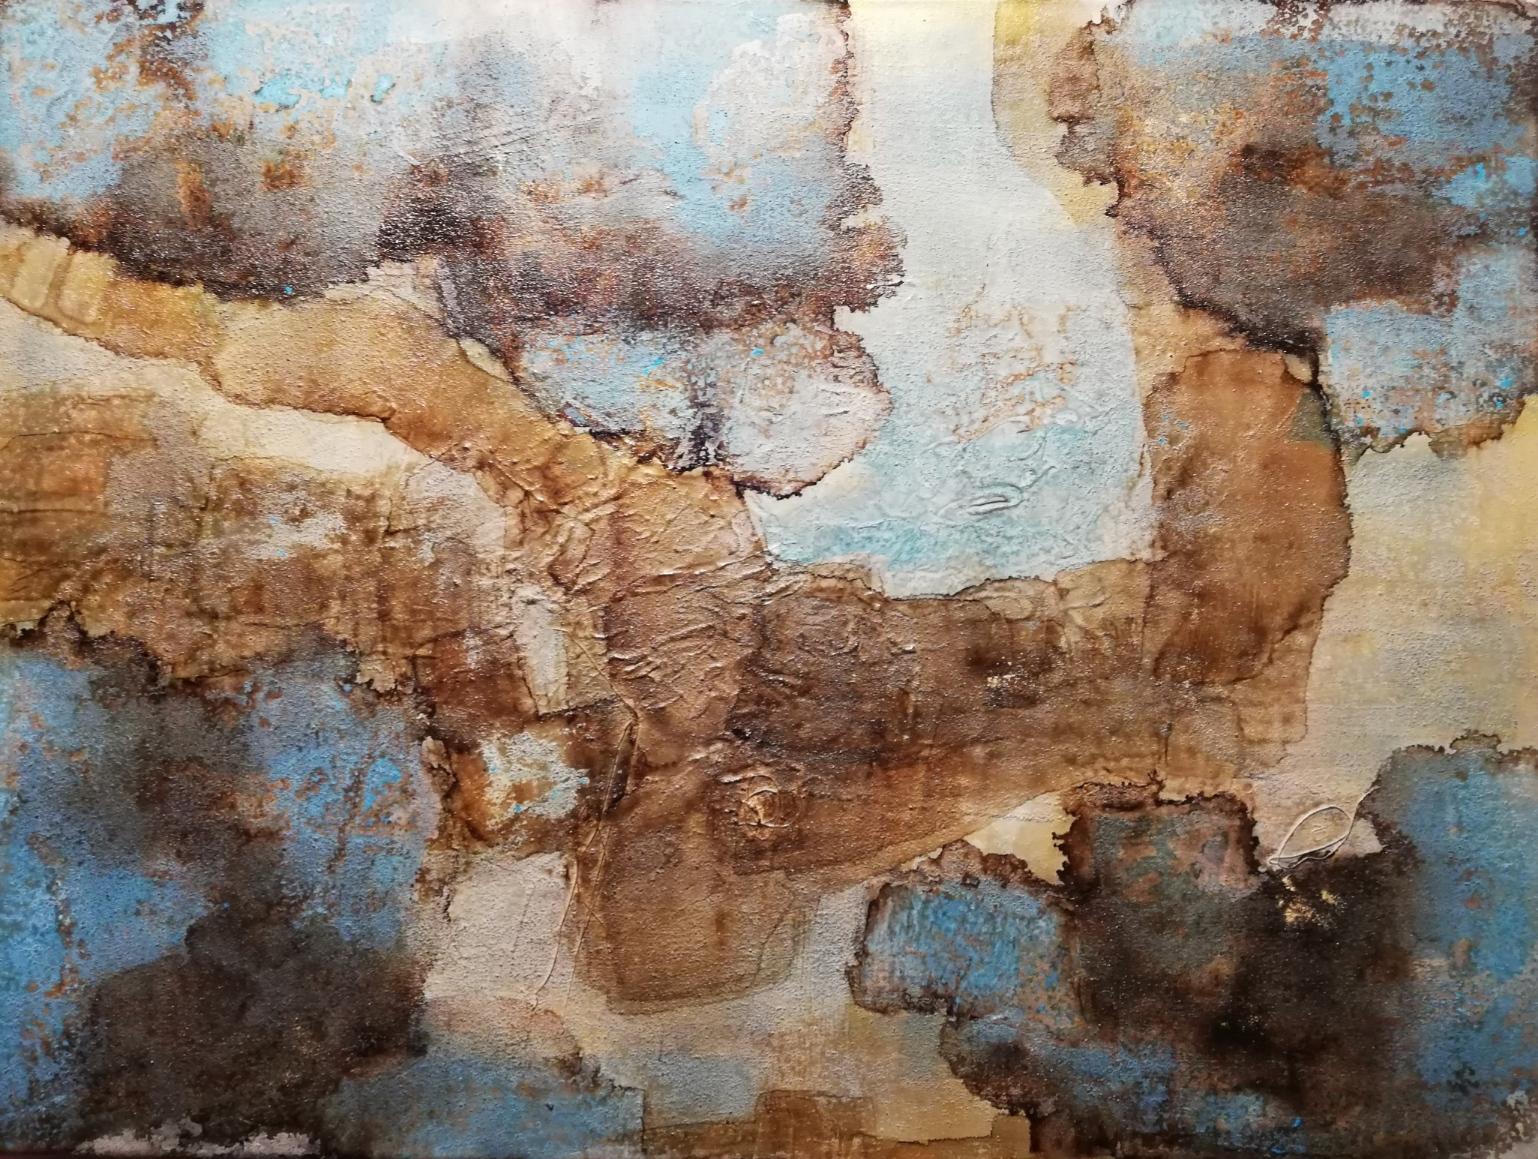 Mixed media on canvas / Tecnica mixta sobre tela (60 cm x 80 cm)